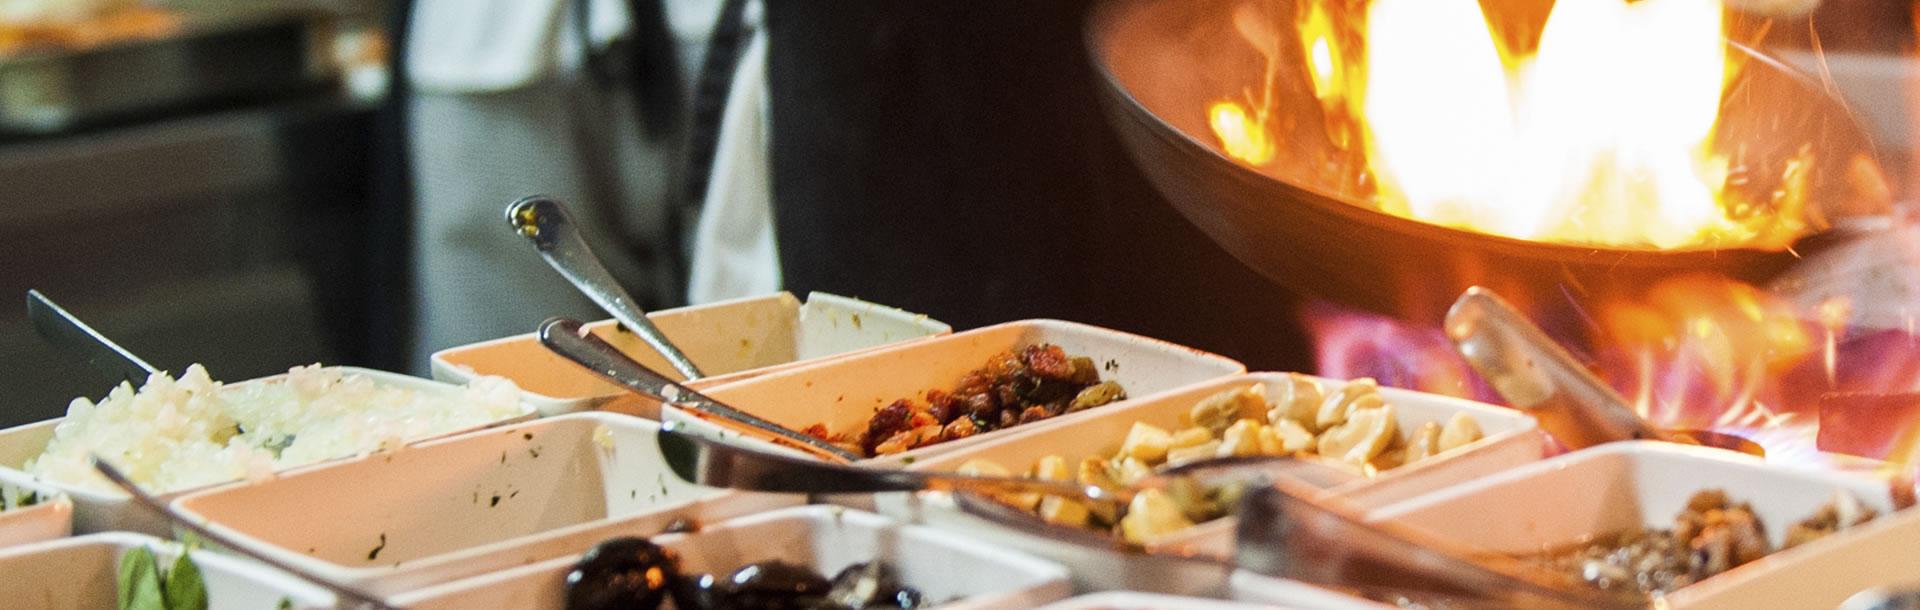 Live Cooking für Hochzeiten & Firmenevents - Alexander\'s Catering